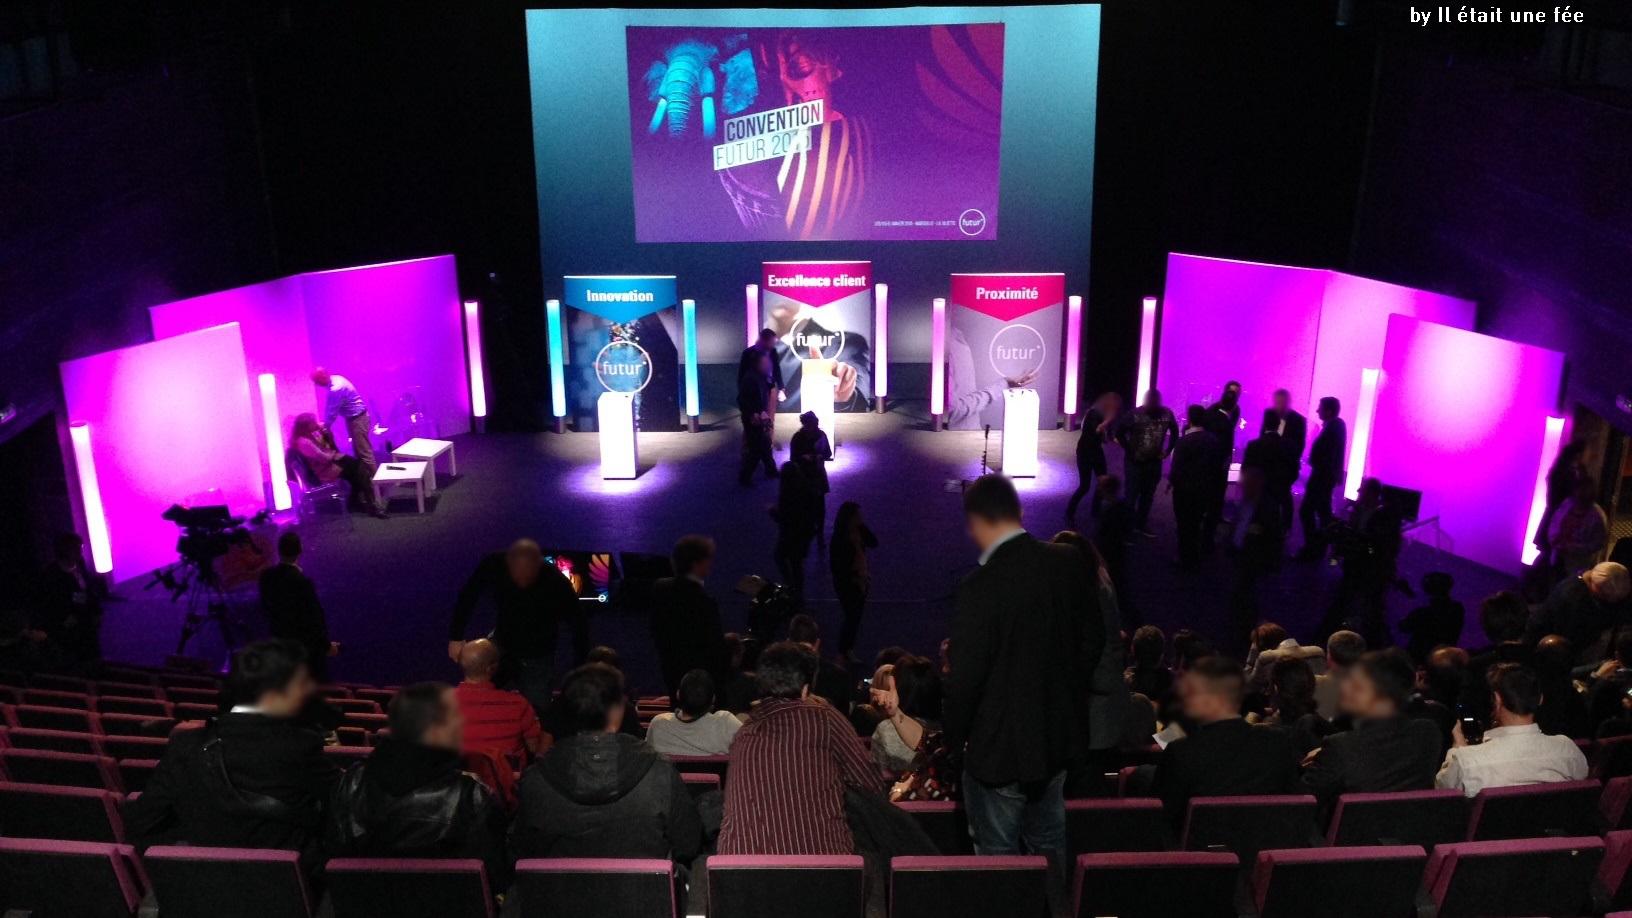 soirée Corporate 2015 de la société Futur° - la partie technique de cet évènement. - event - audiovisuel - matériels - Marseille-aucop